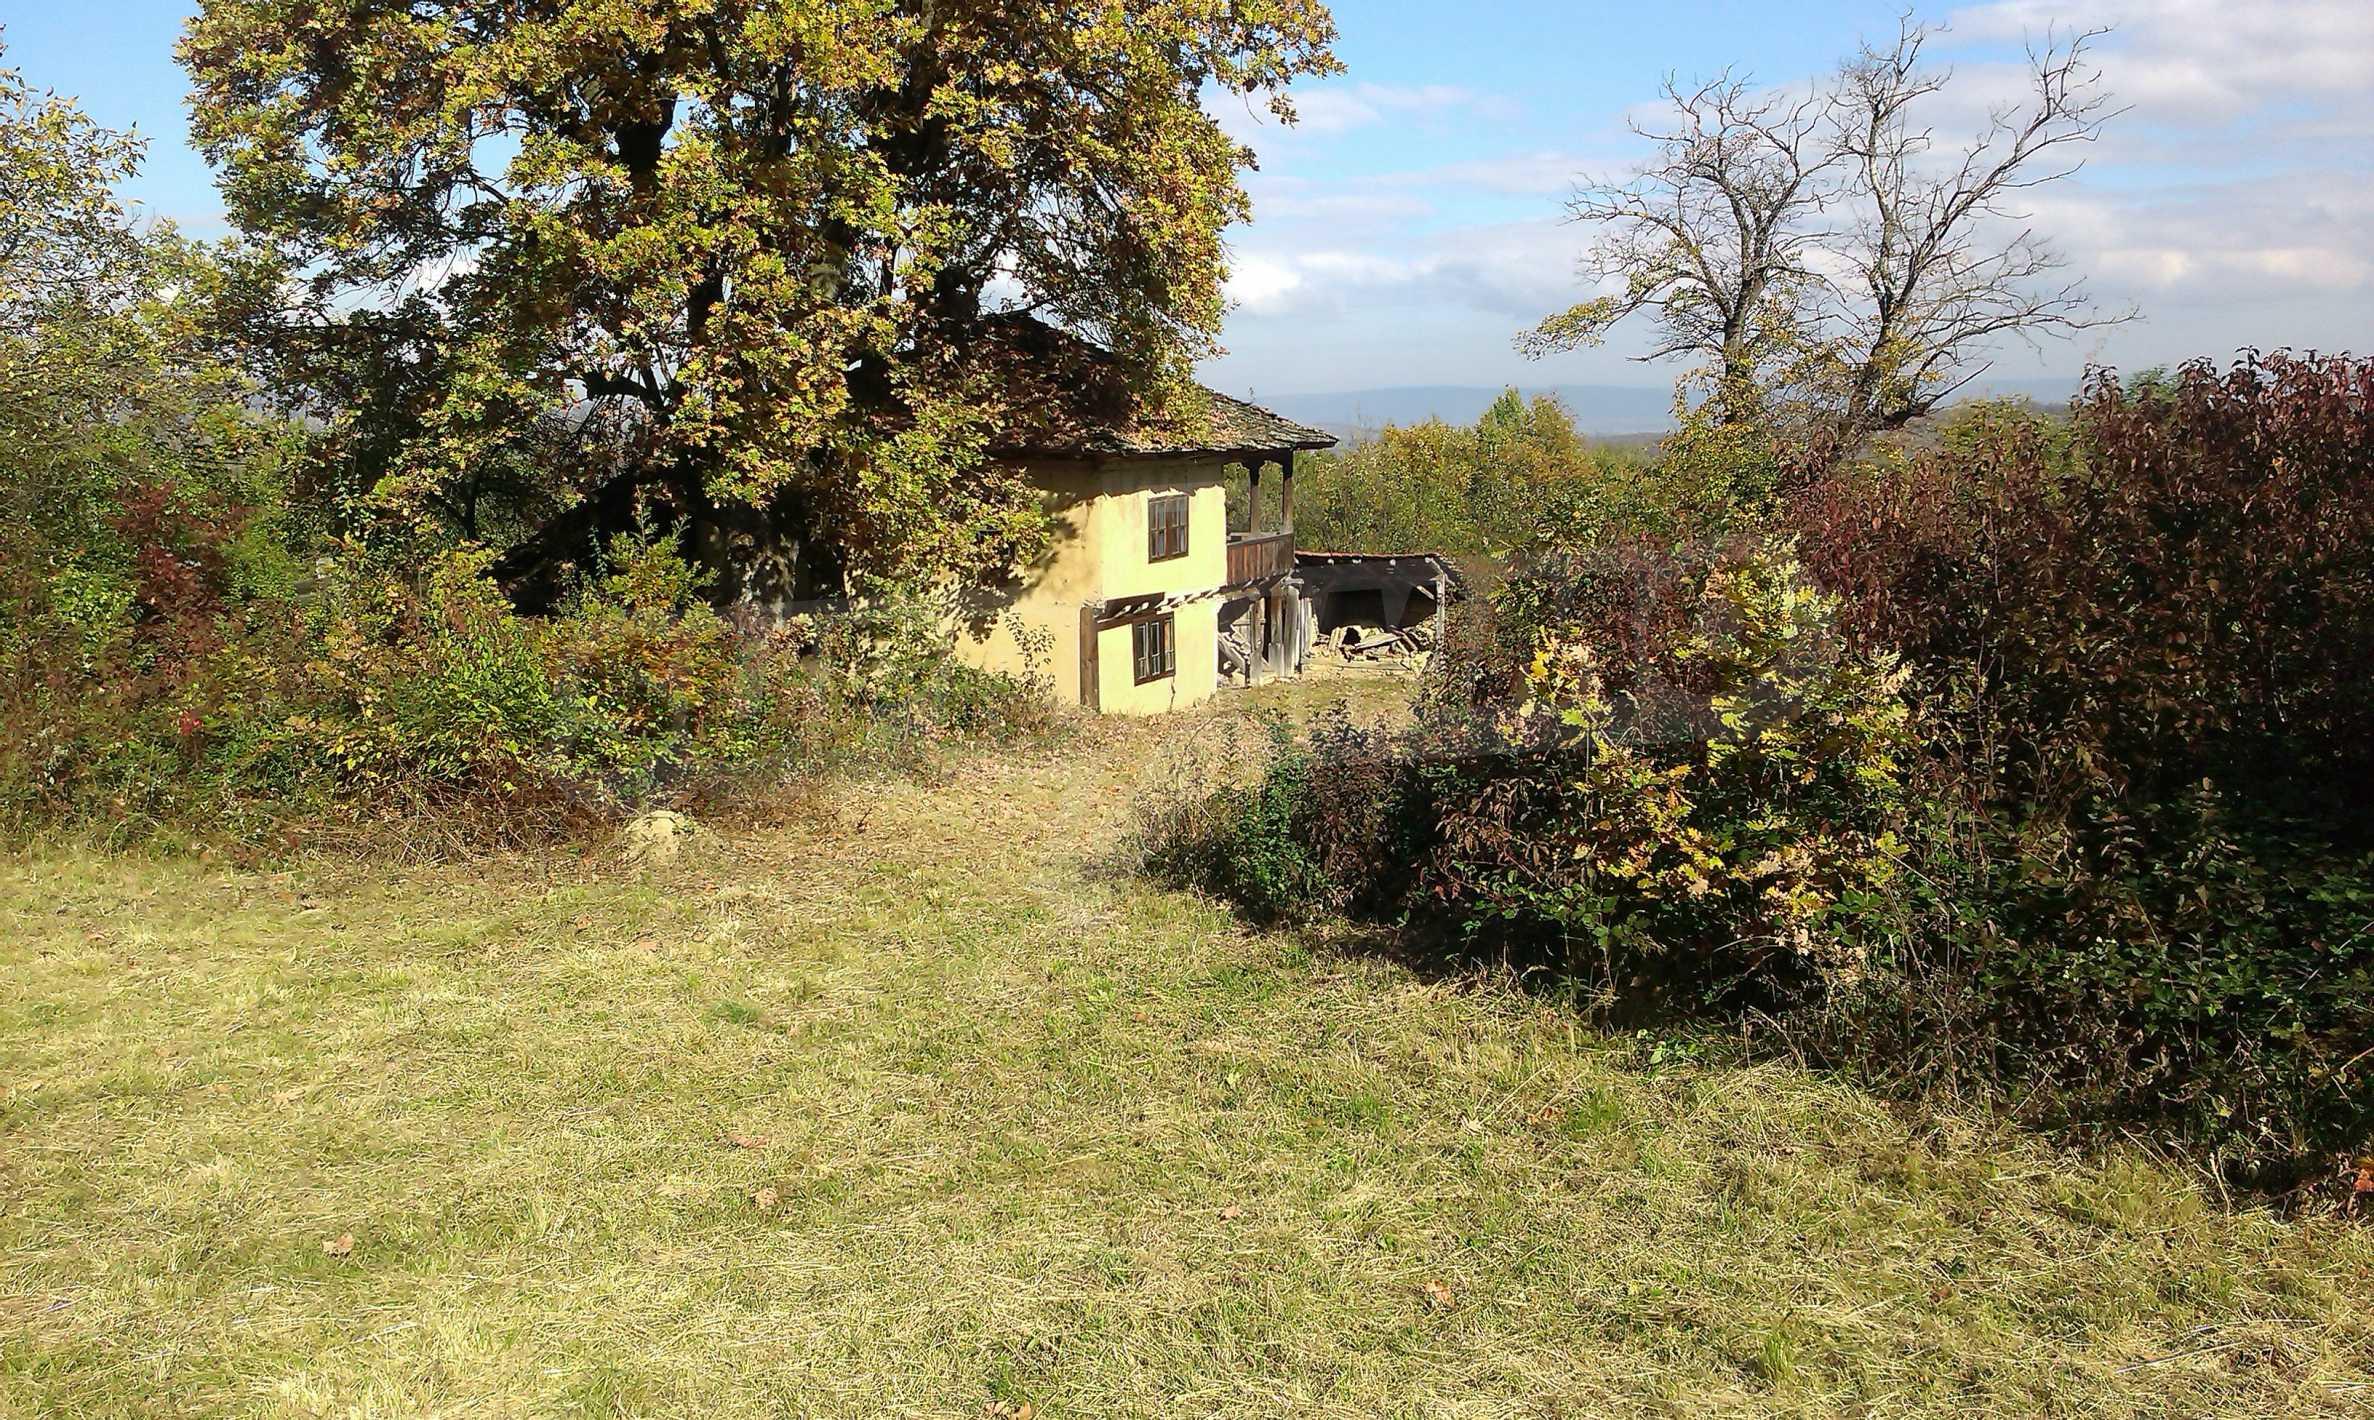 Двуетажна къща в красиво планинско село, до езеро 15